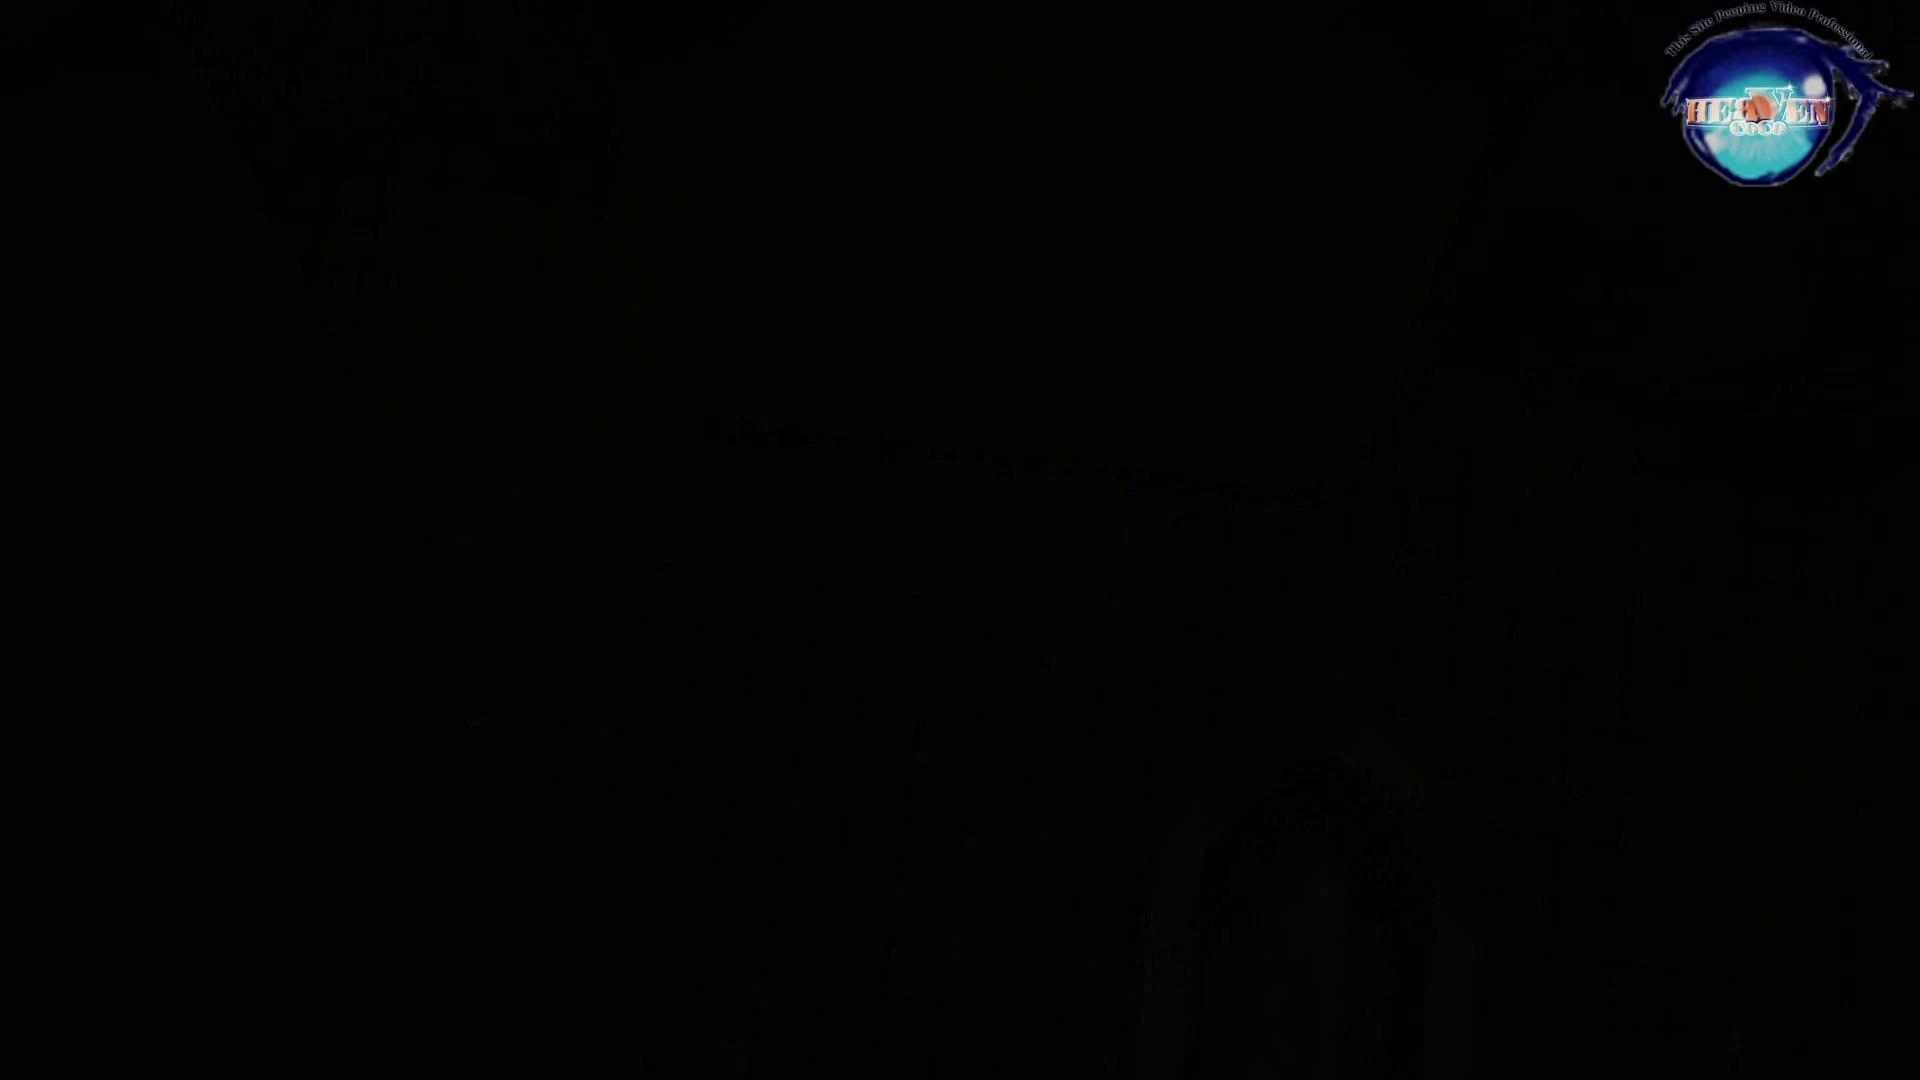 水泳大会選手の聖水 vol.09 女性トイレ ワレメ無修正動画無料 101pic 92